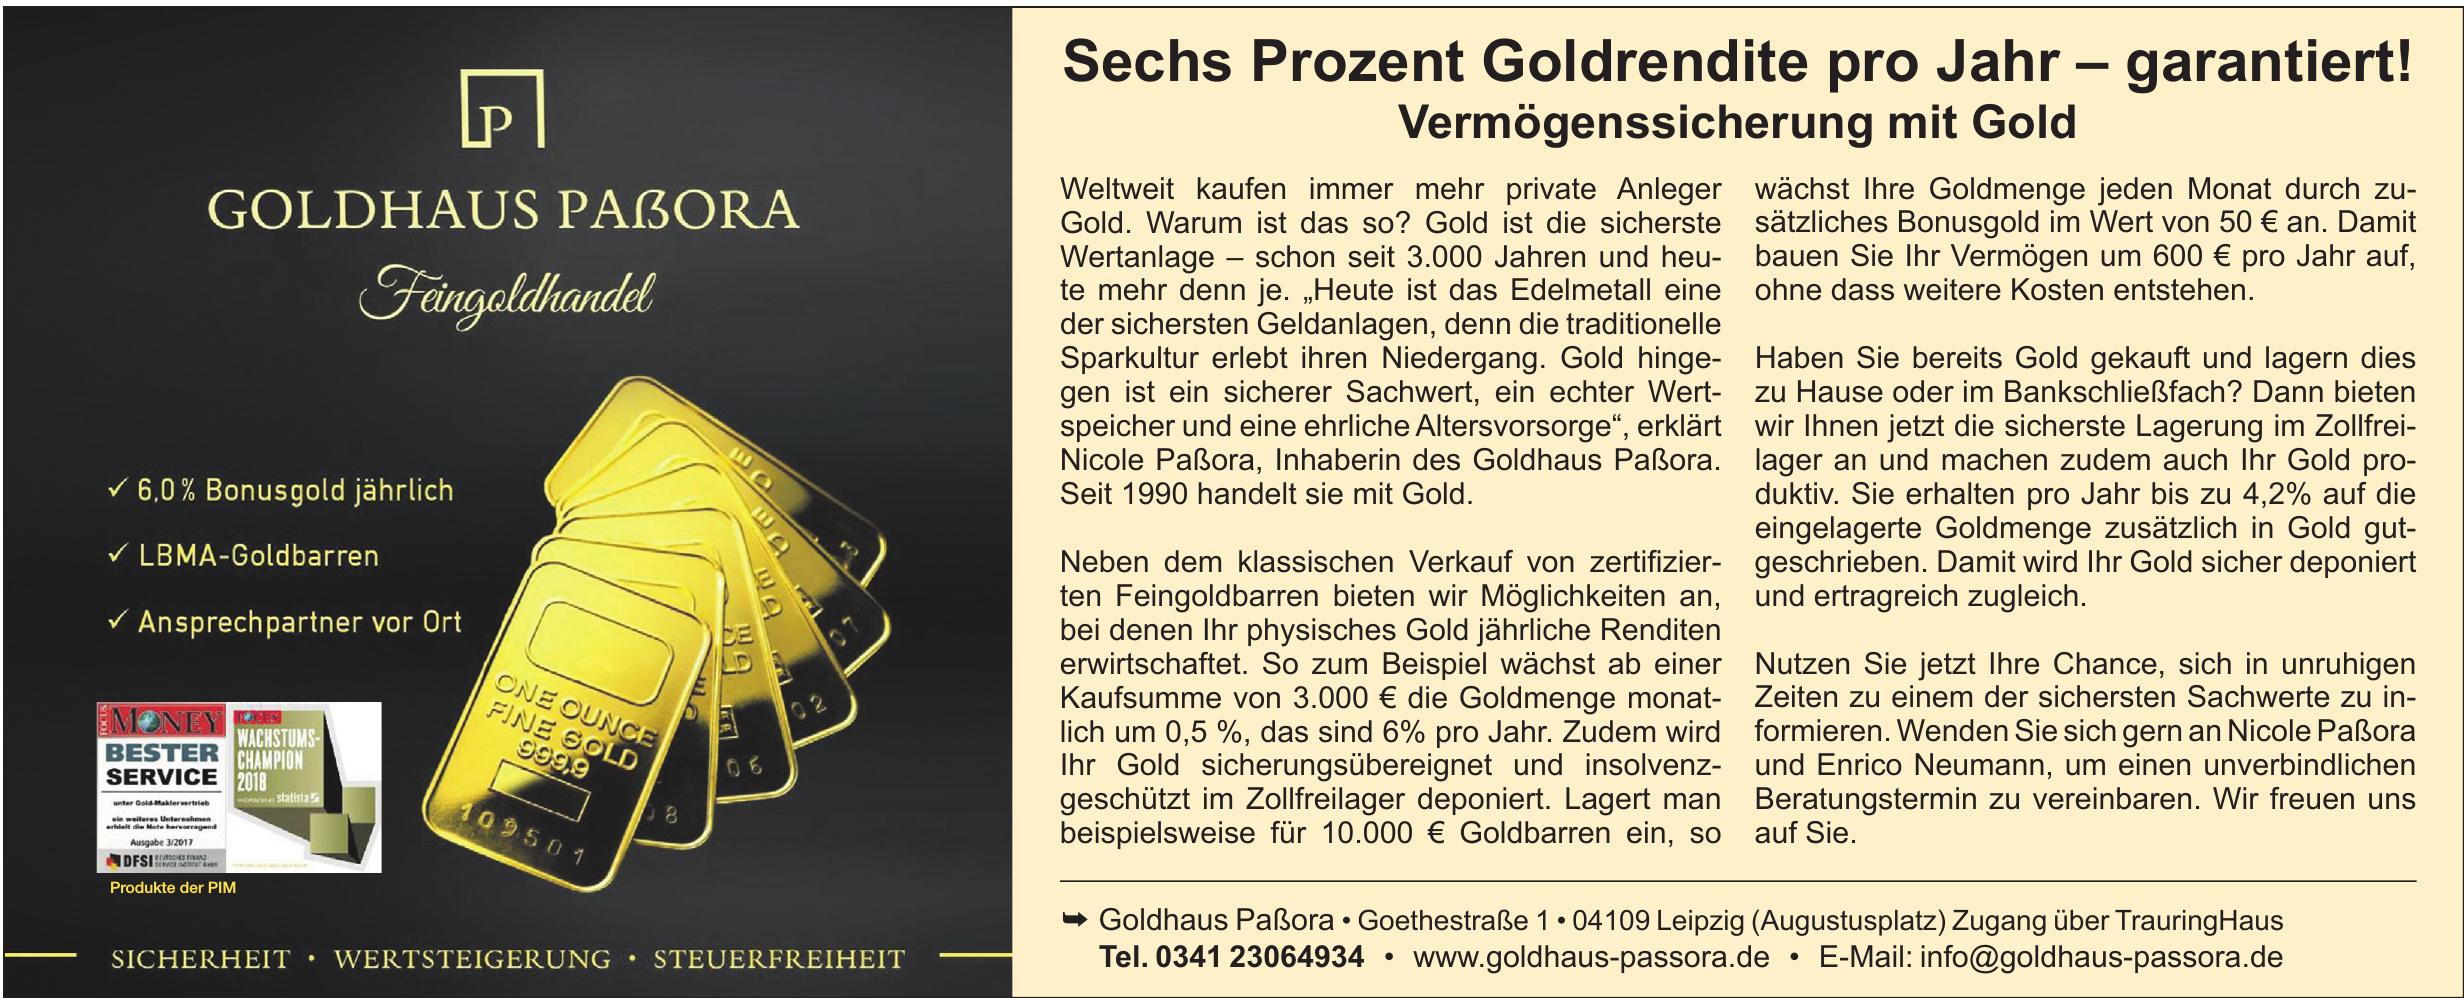 Goldhaus Paßora